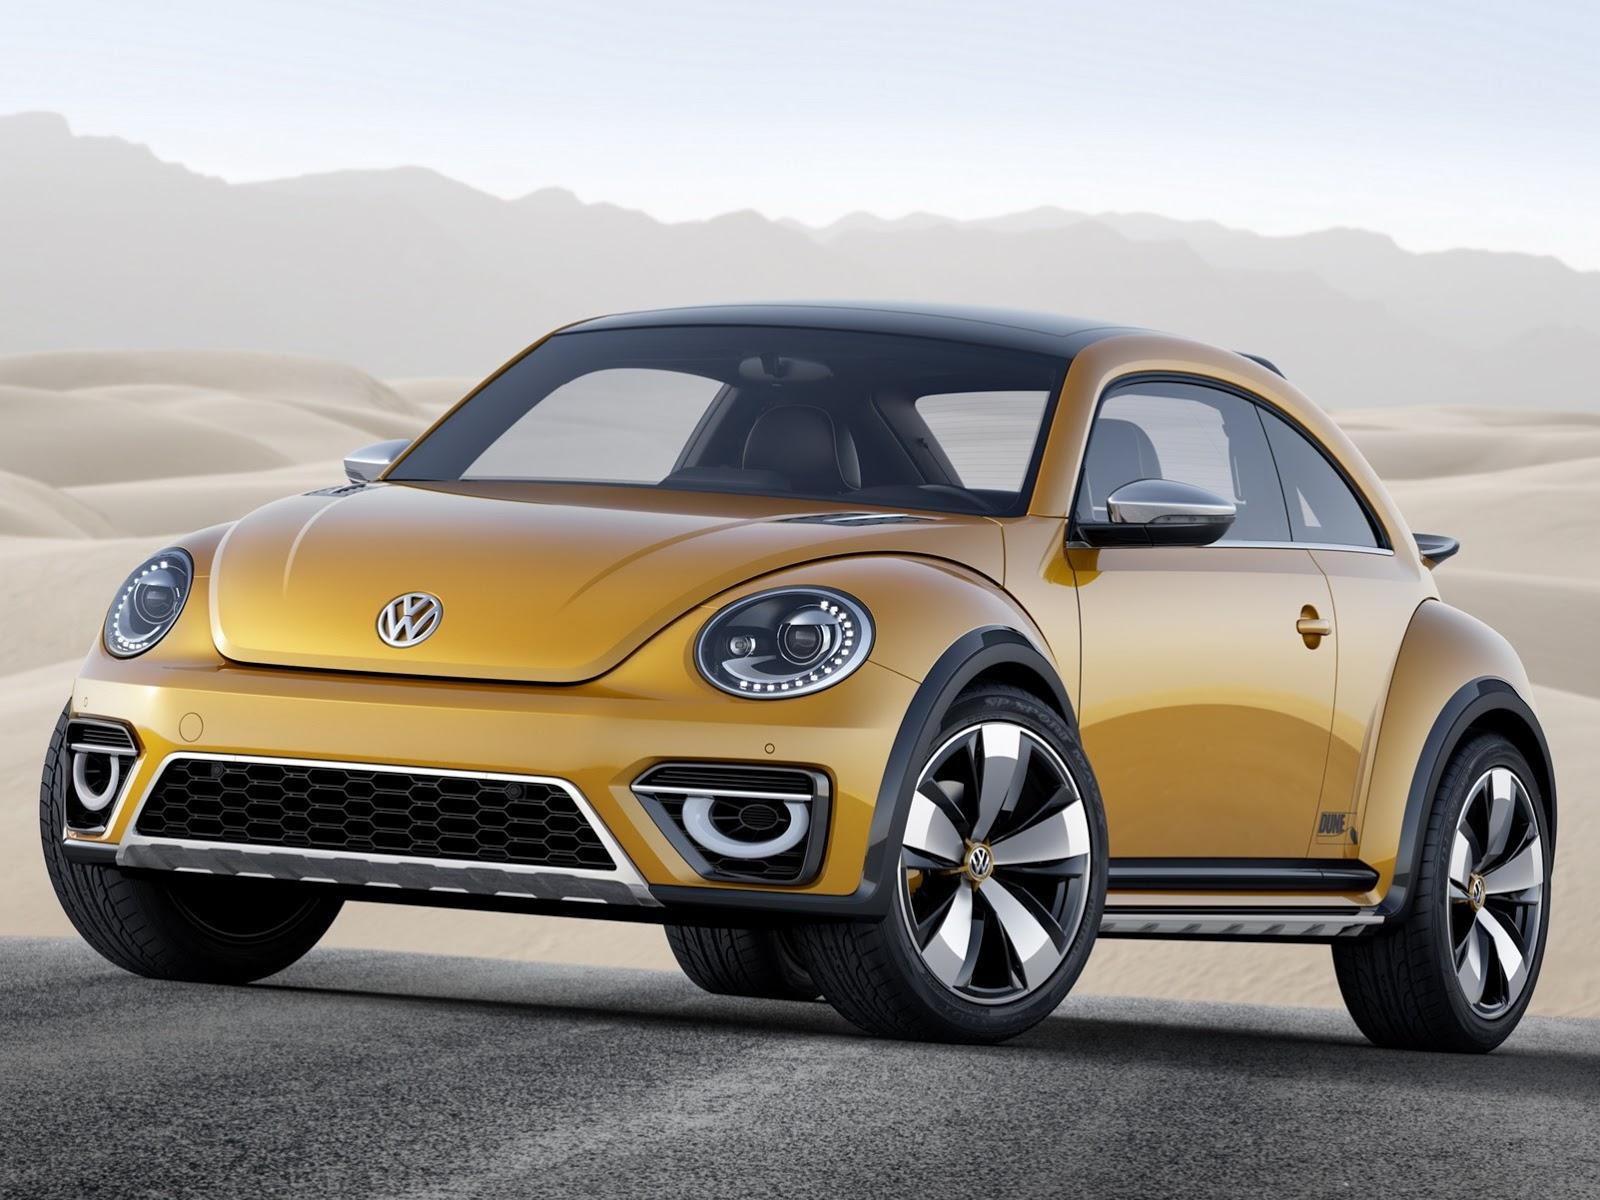 Volkswagen Beetle Dune Concept 2014 |Auto-Blog